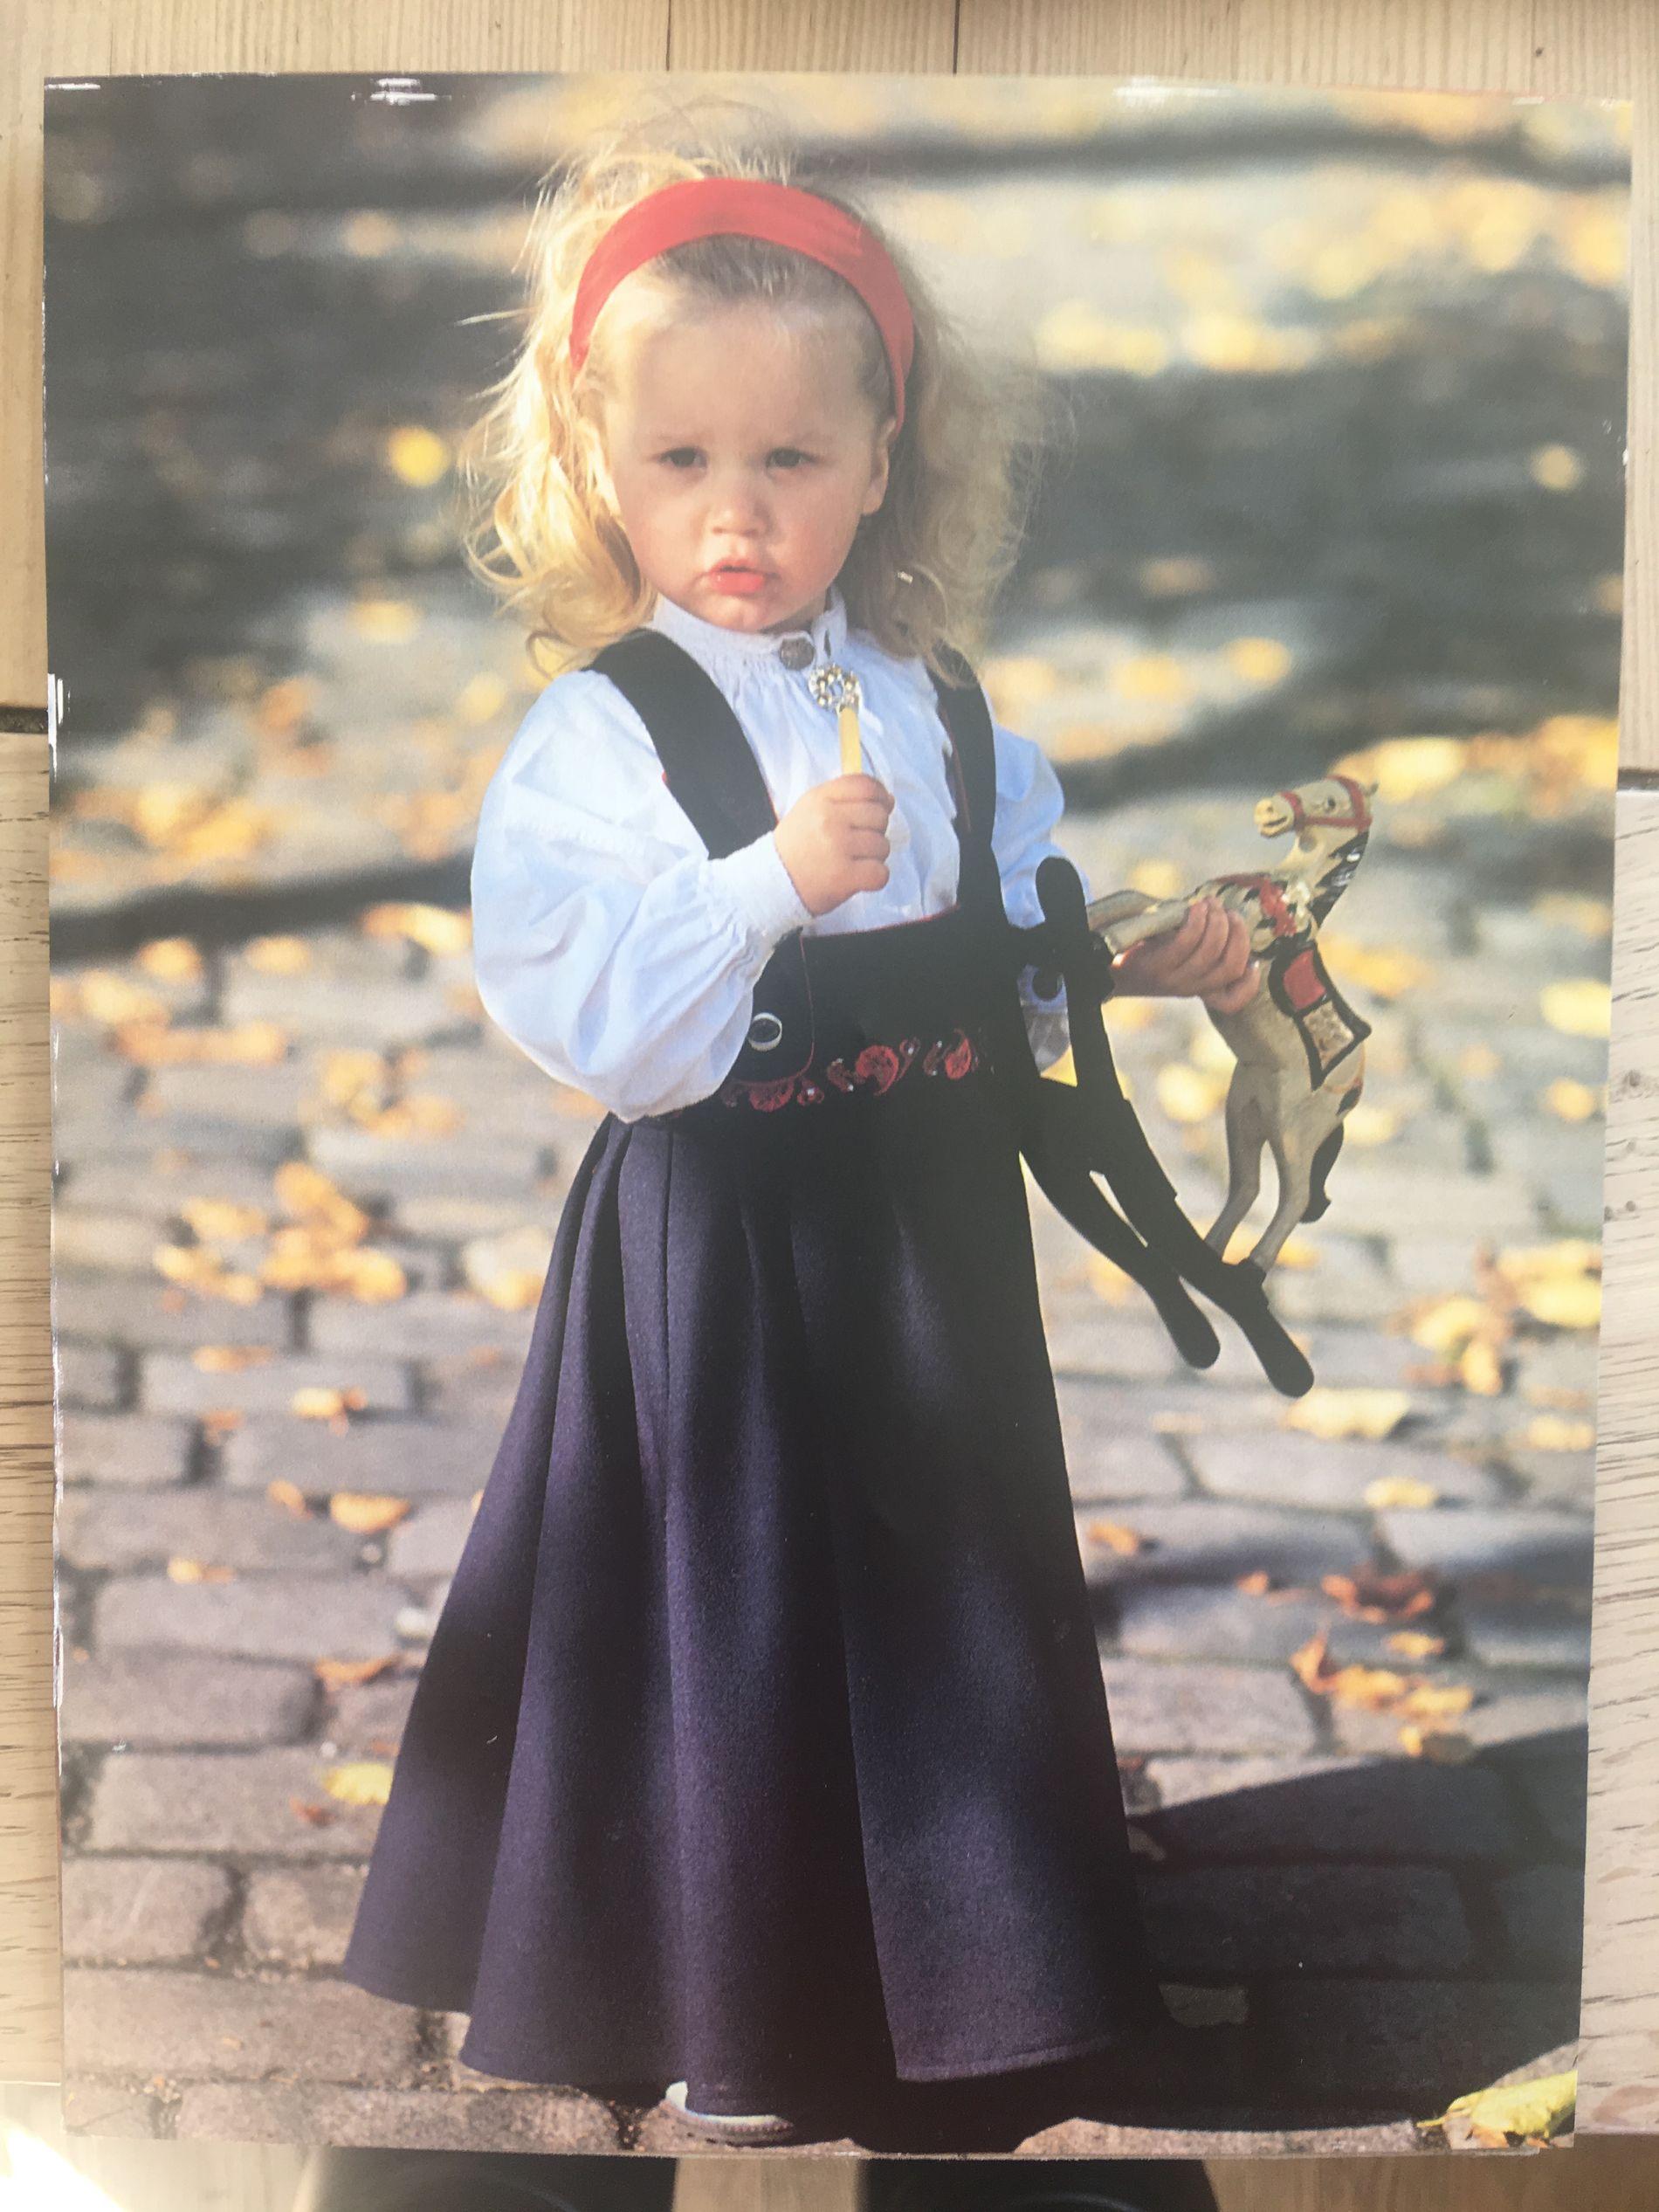 FØRSTE JENTE UT: Torunns datter, Tora Kristine (2), i den aller første drakten mamma sydde, i 1992.